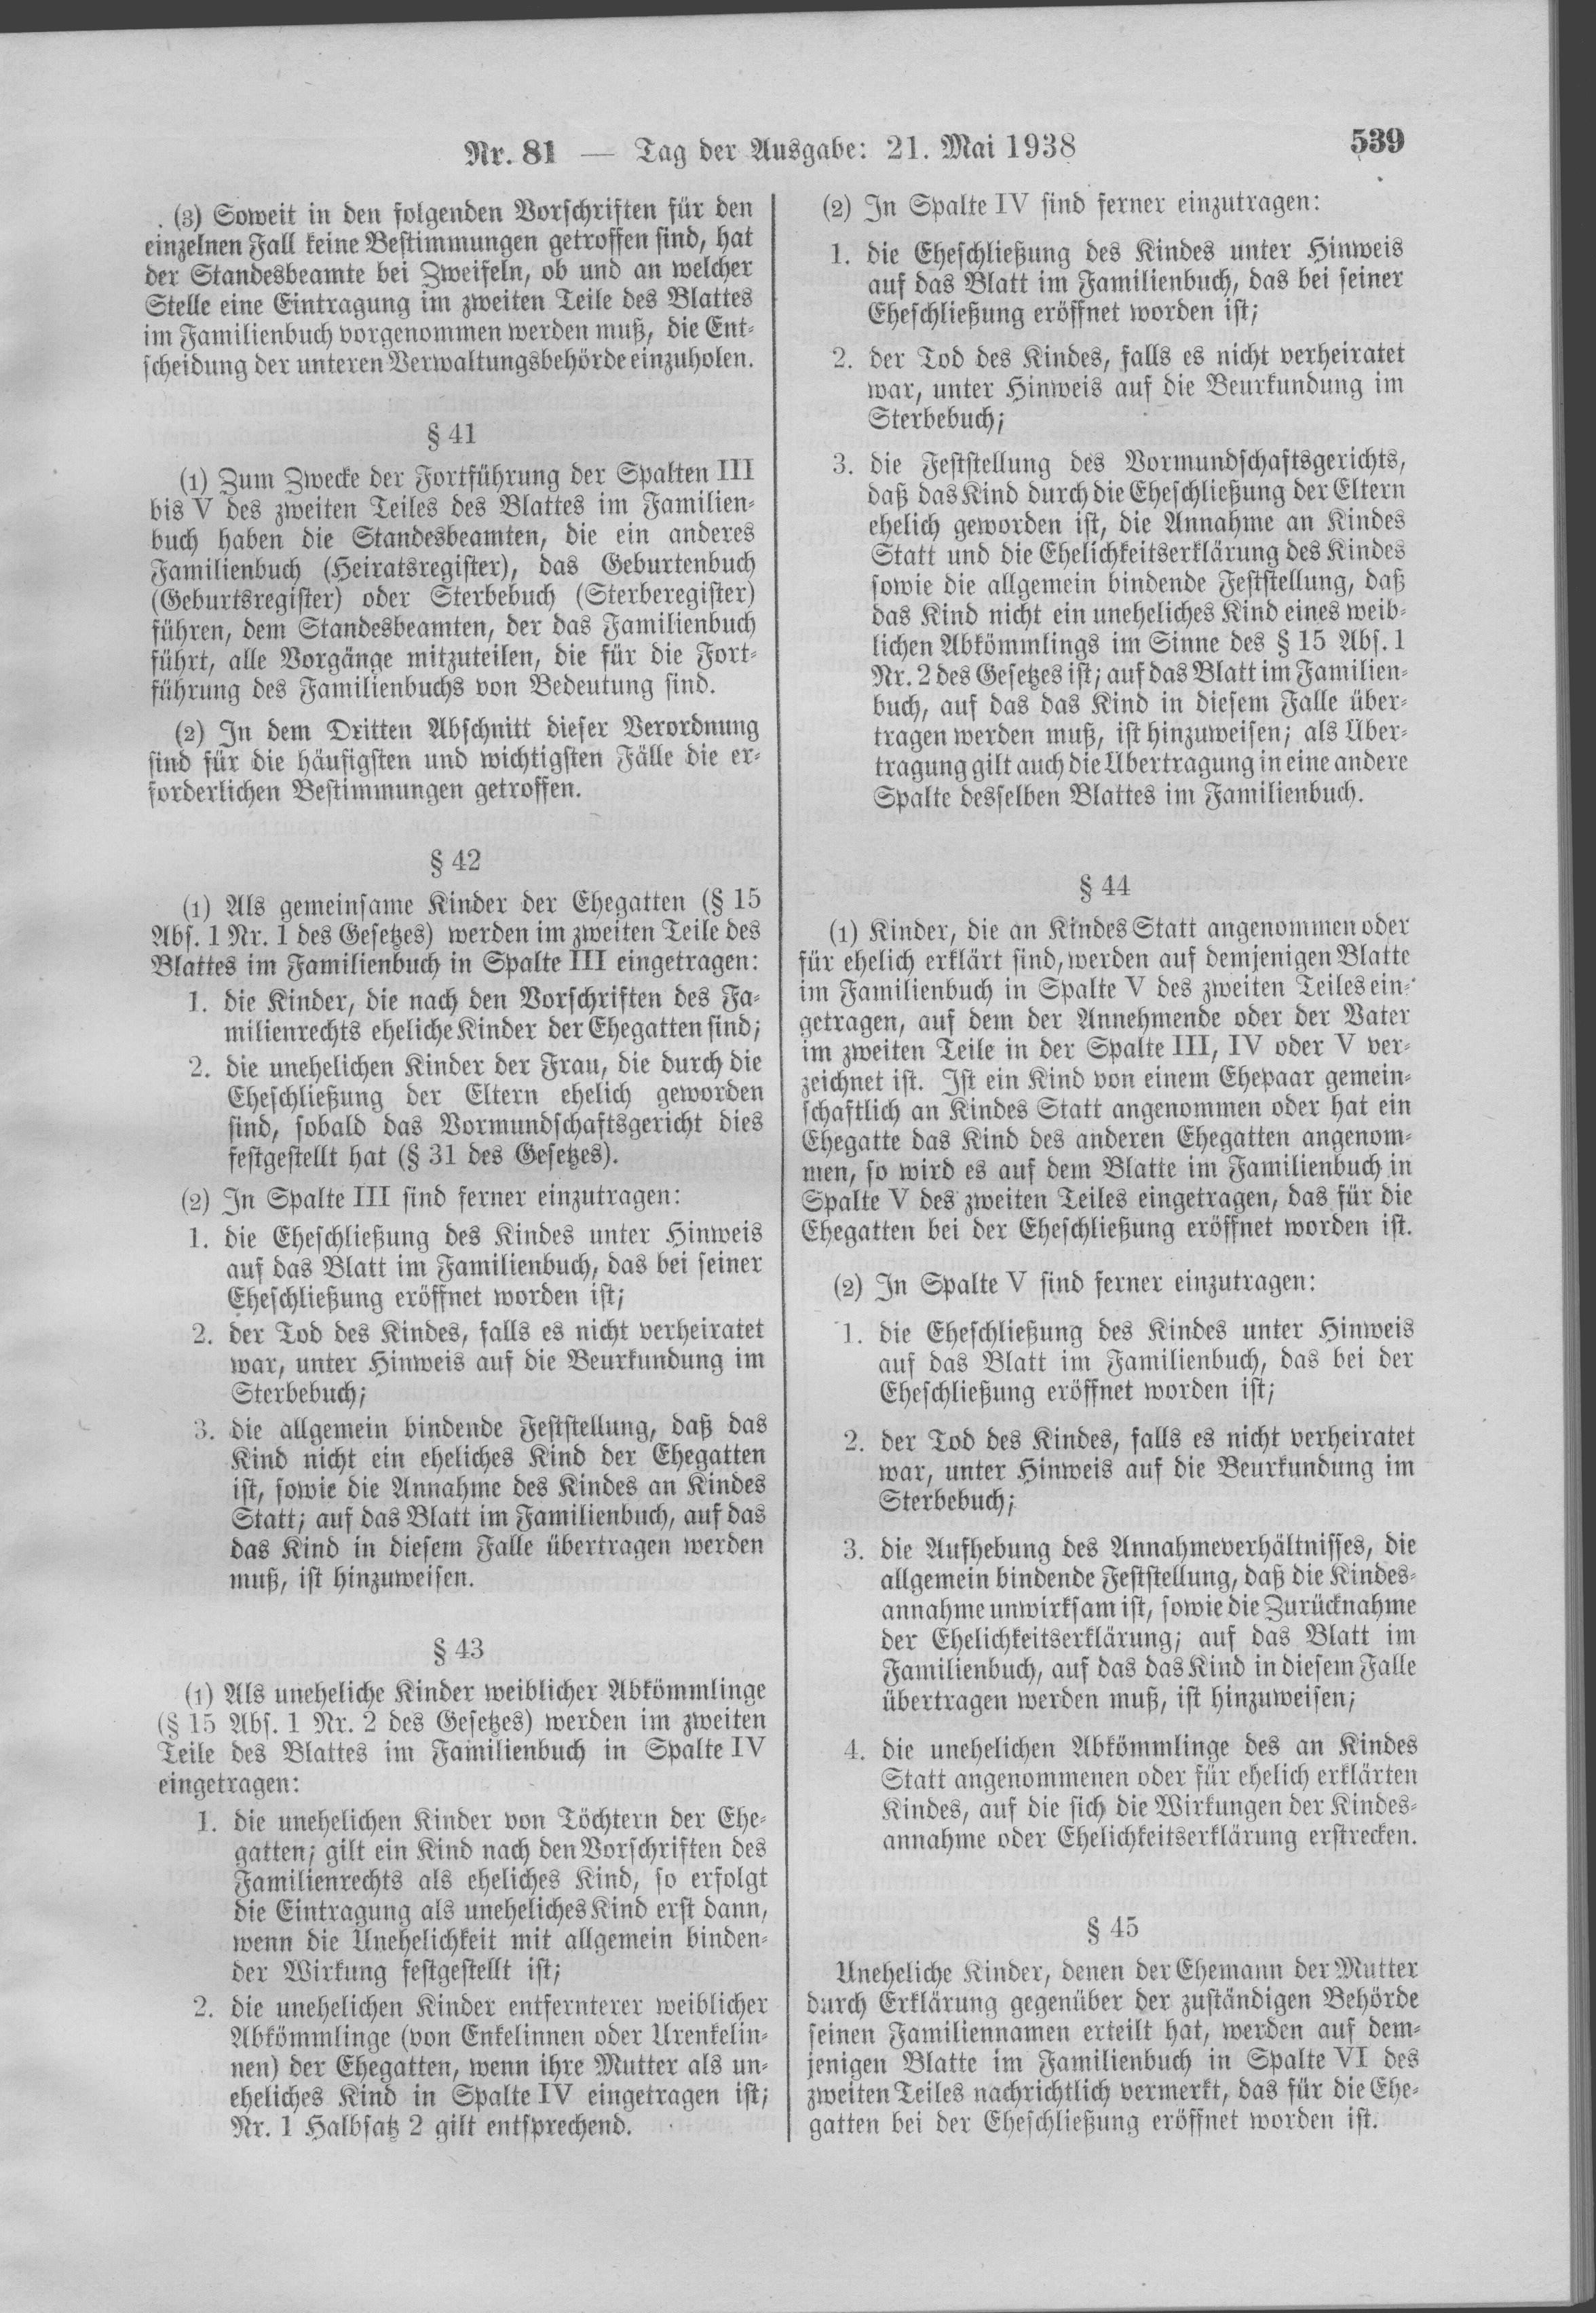 File:Deutsches Reichsgesetzblatt 38T1 081 0539.jpg - Wikimedia Commons